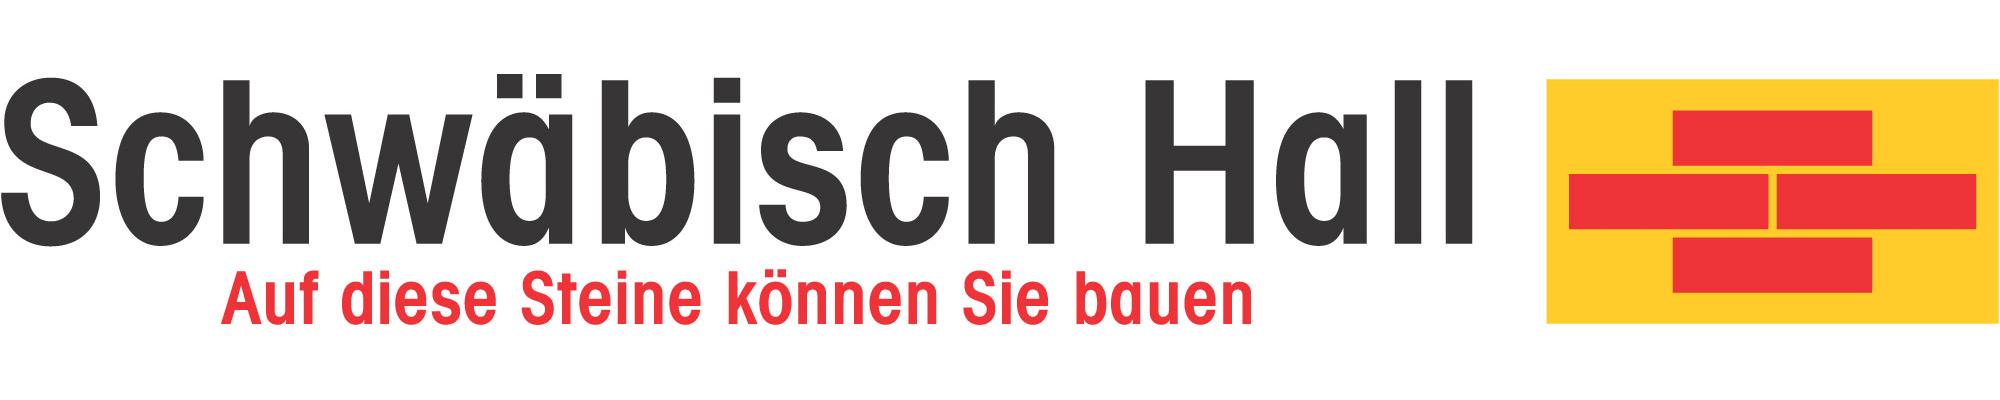 Schwaebisch Hall